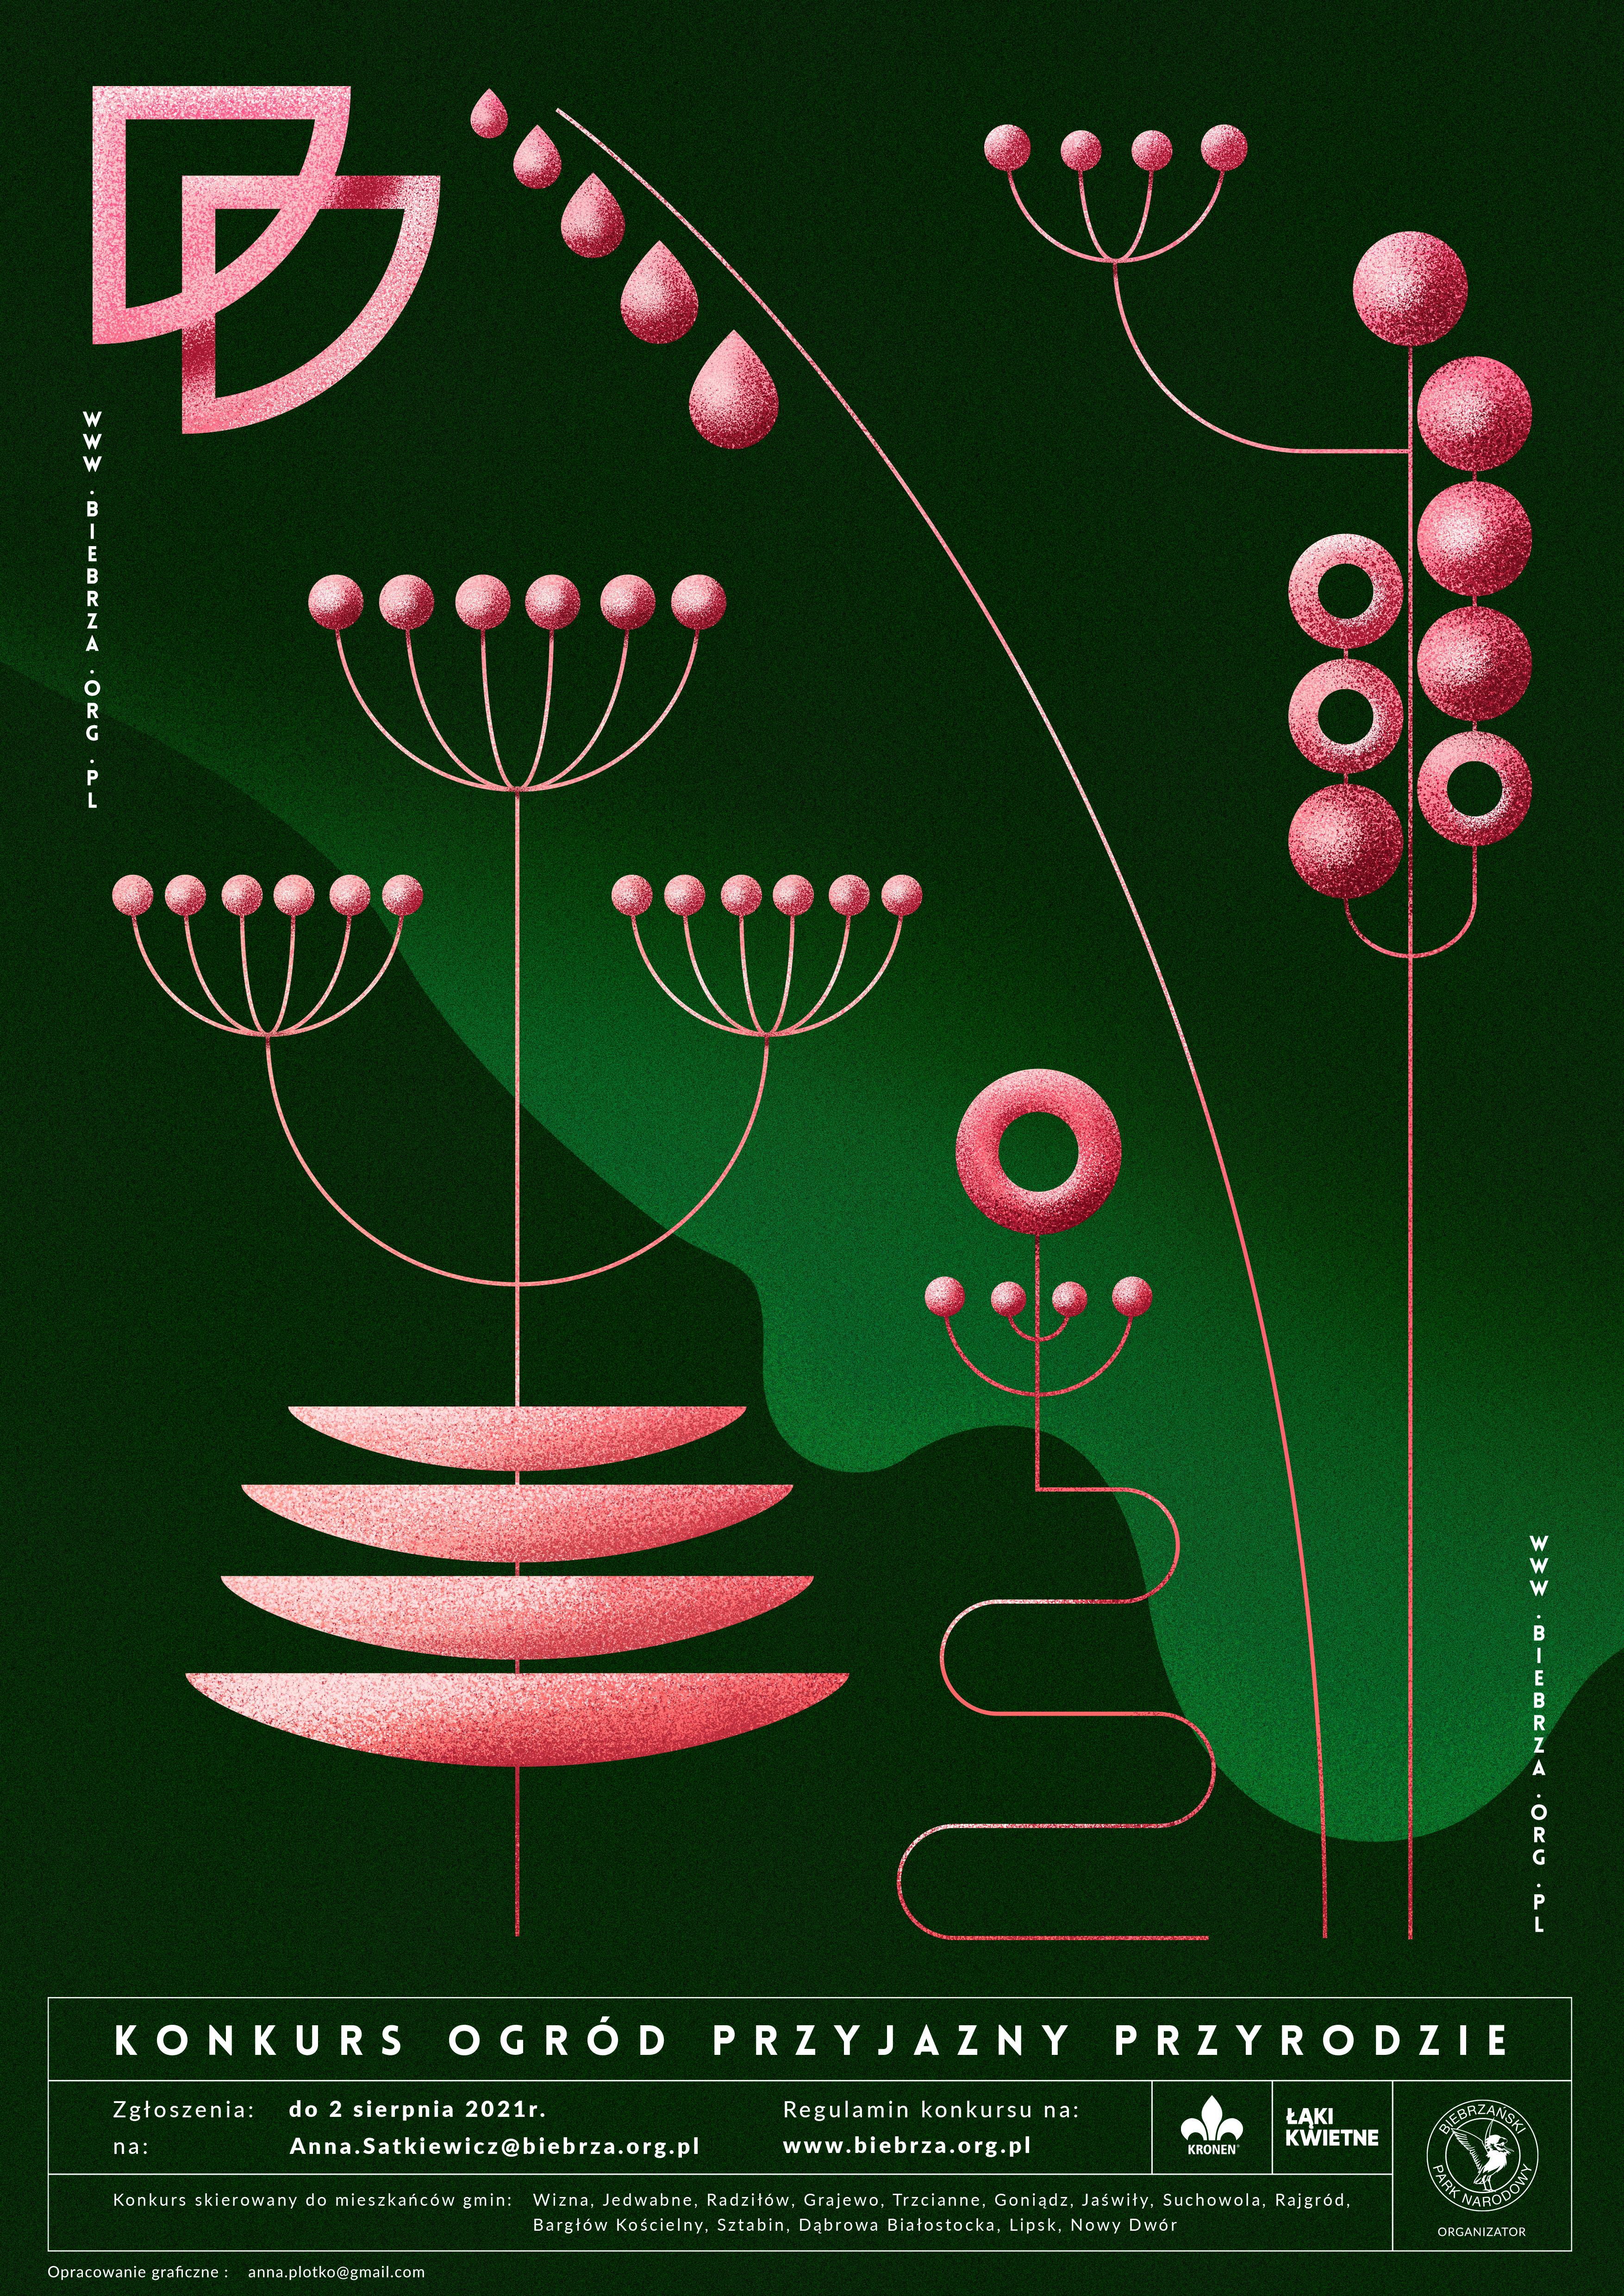 Plakat konkursowy - Ogród przyjazny przyrodzie